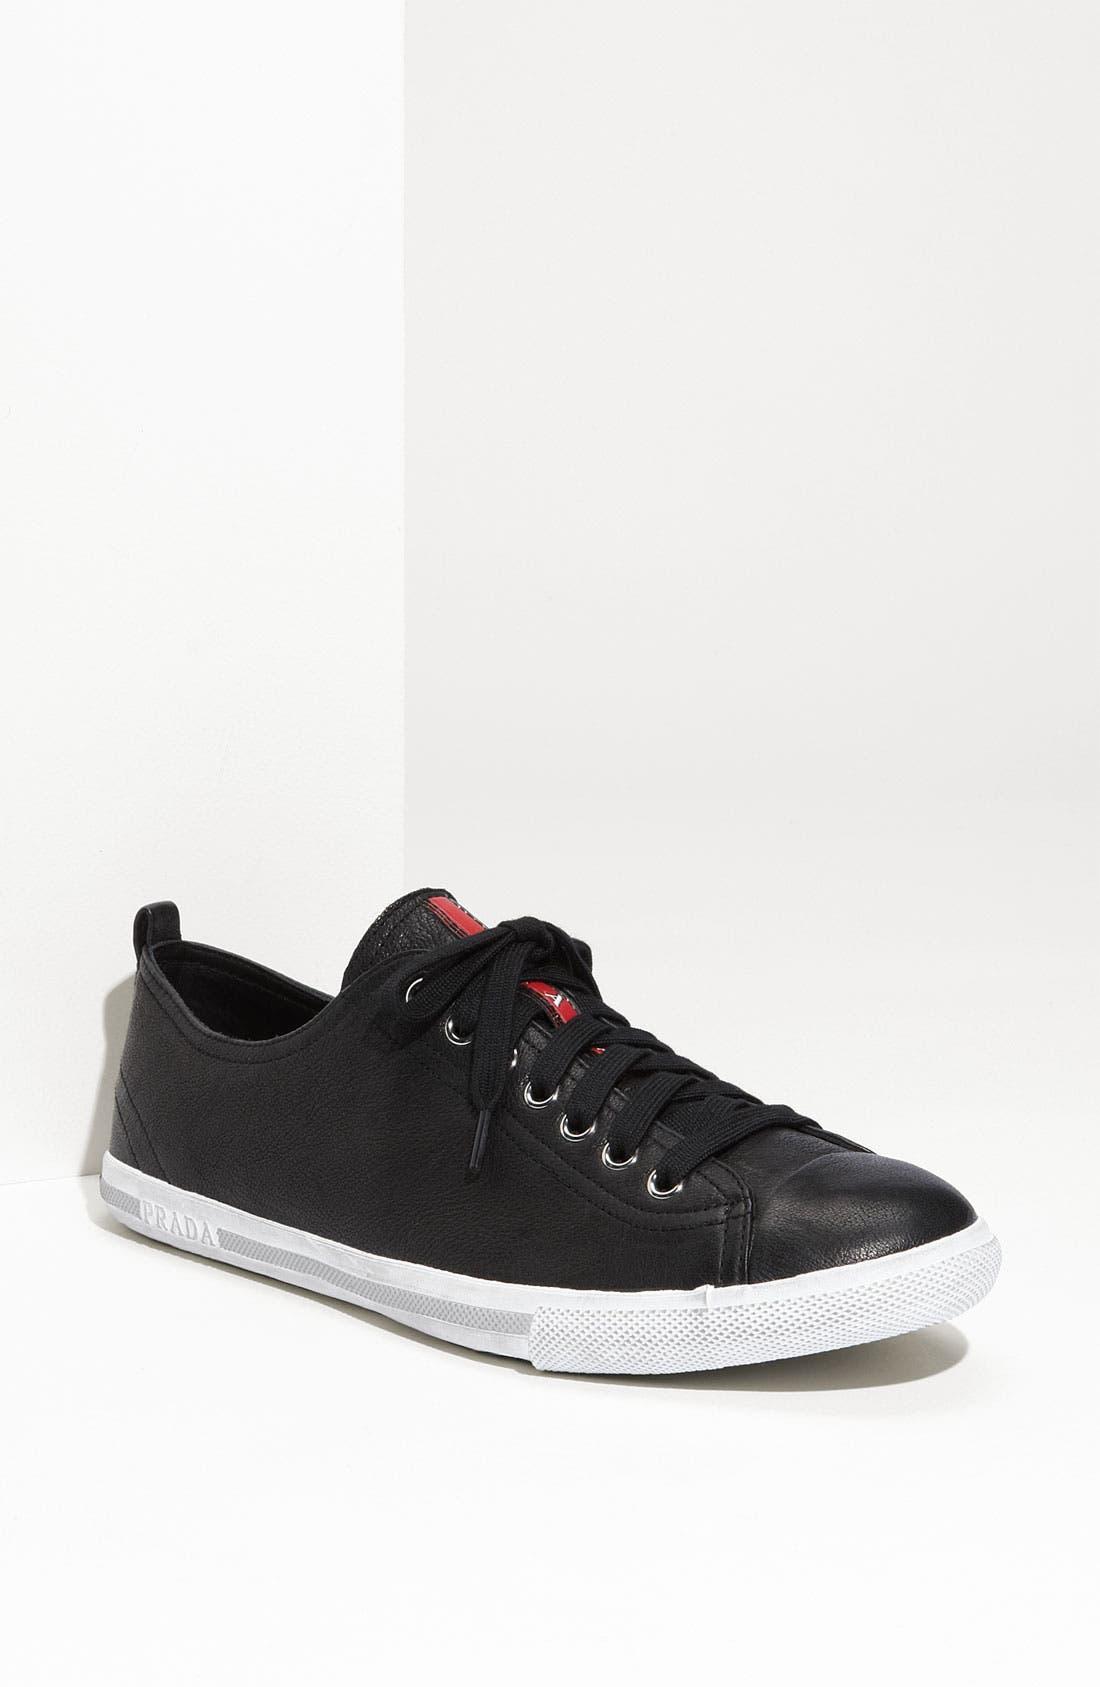 Alternate Image 1 Selected - Prada Low Profile Sneaker (Men)